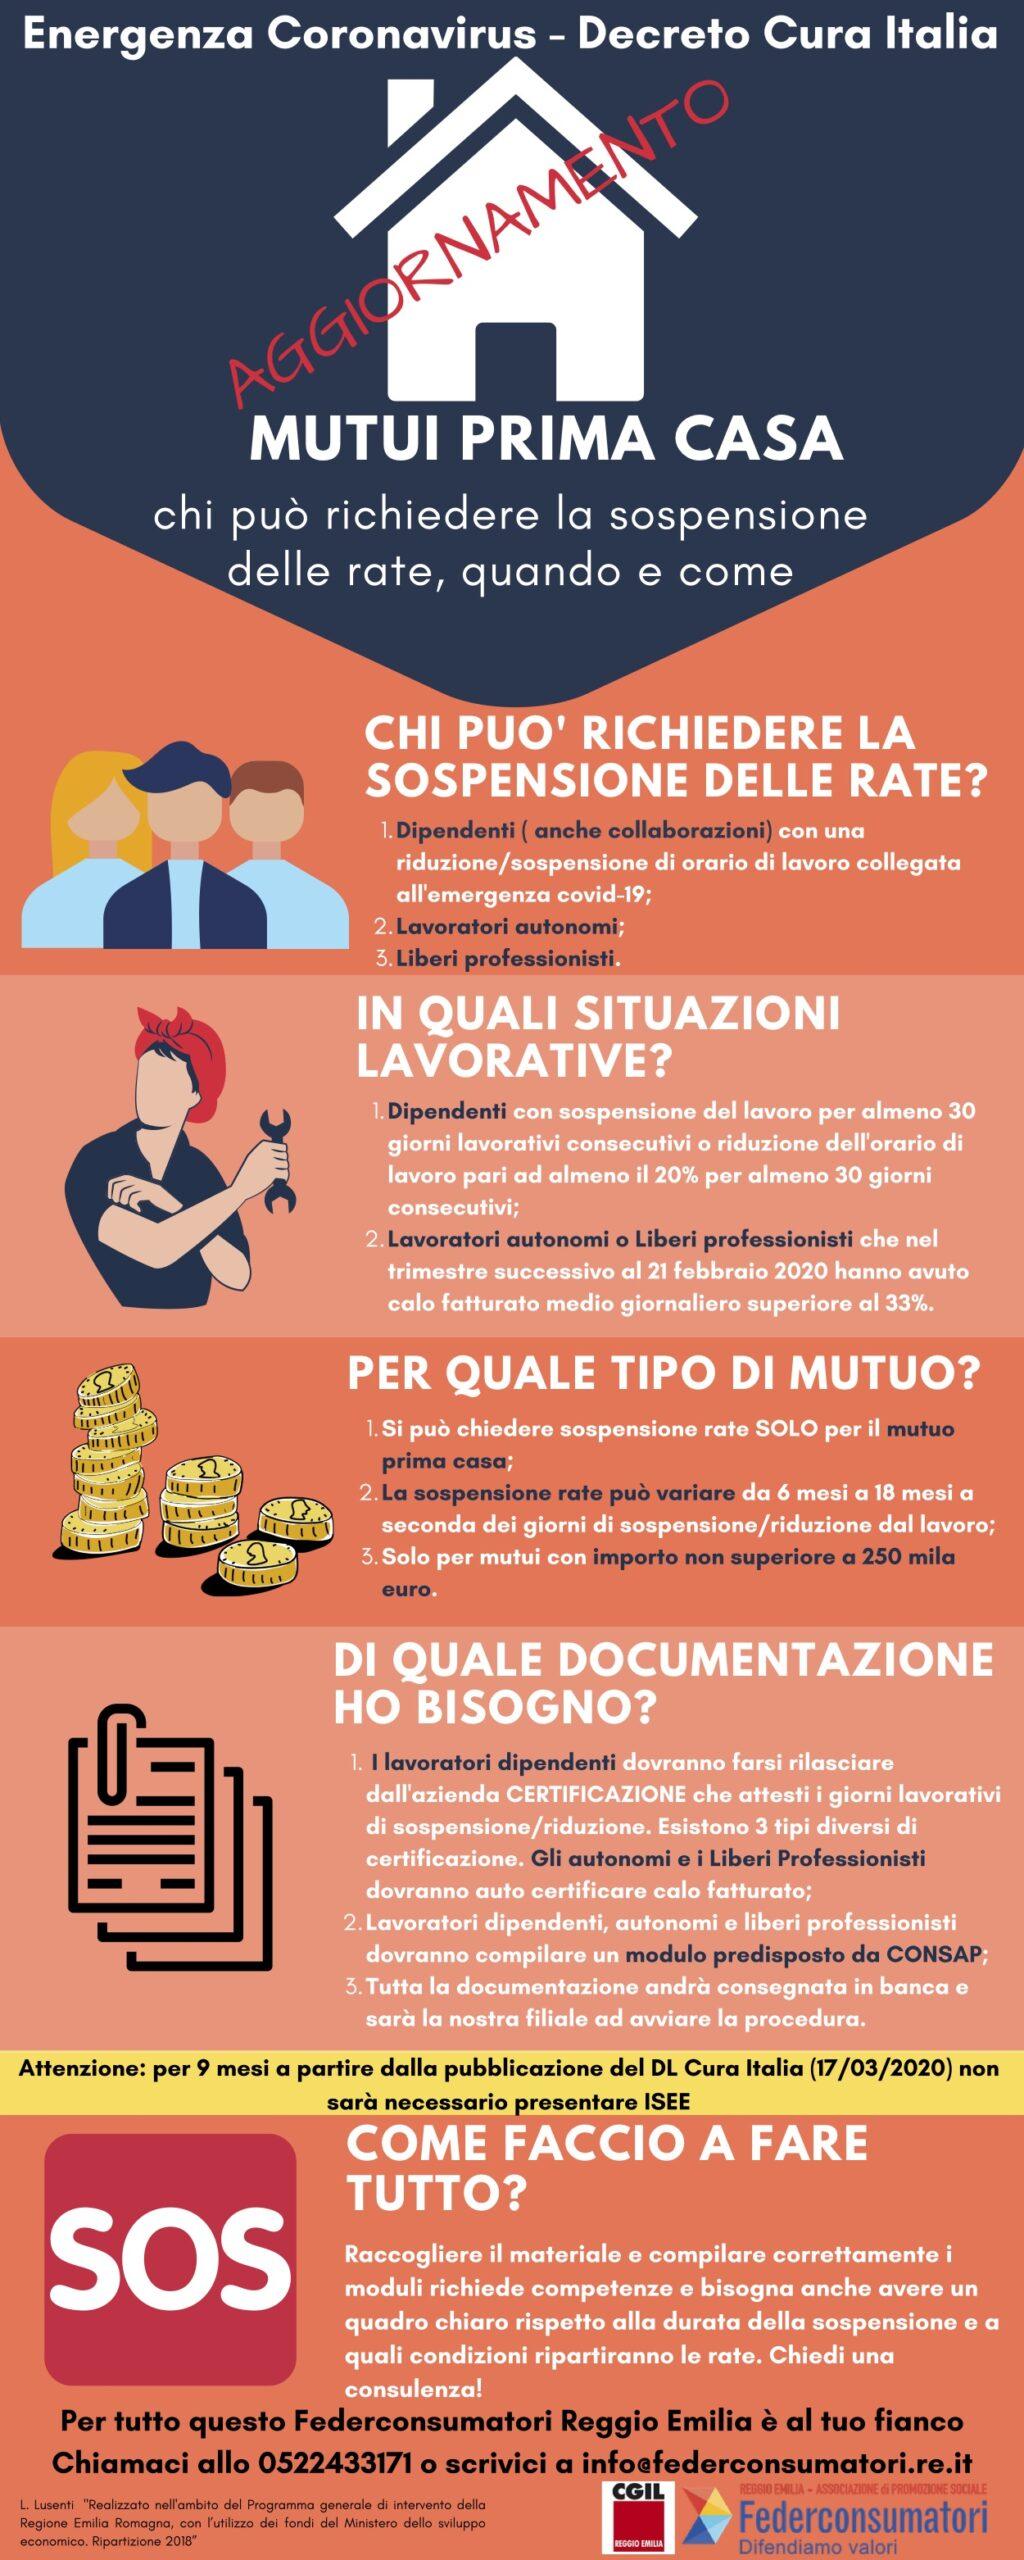 Servizi Sicurezza Italia Poviglio mutui prima casa:quando e come richiedere la sospensione